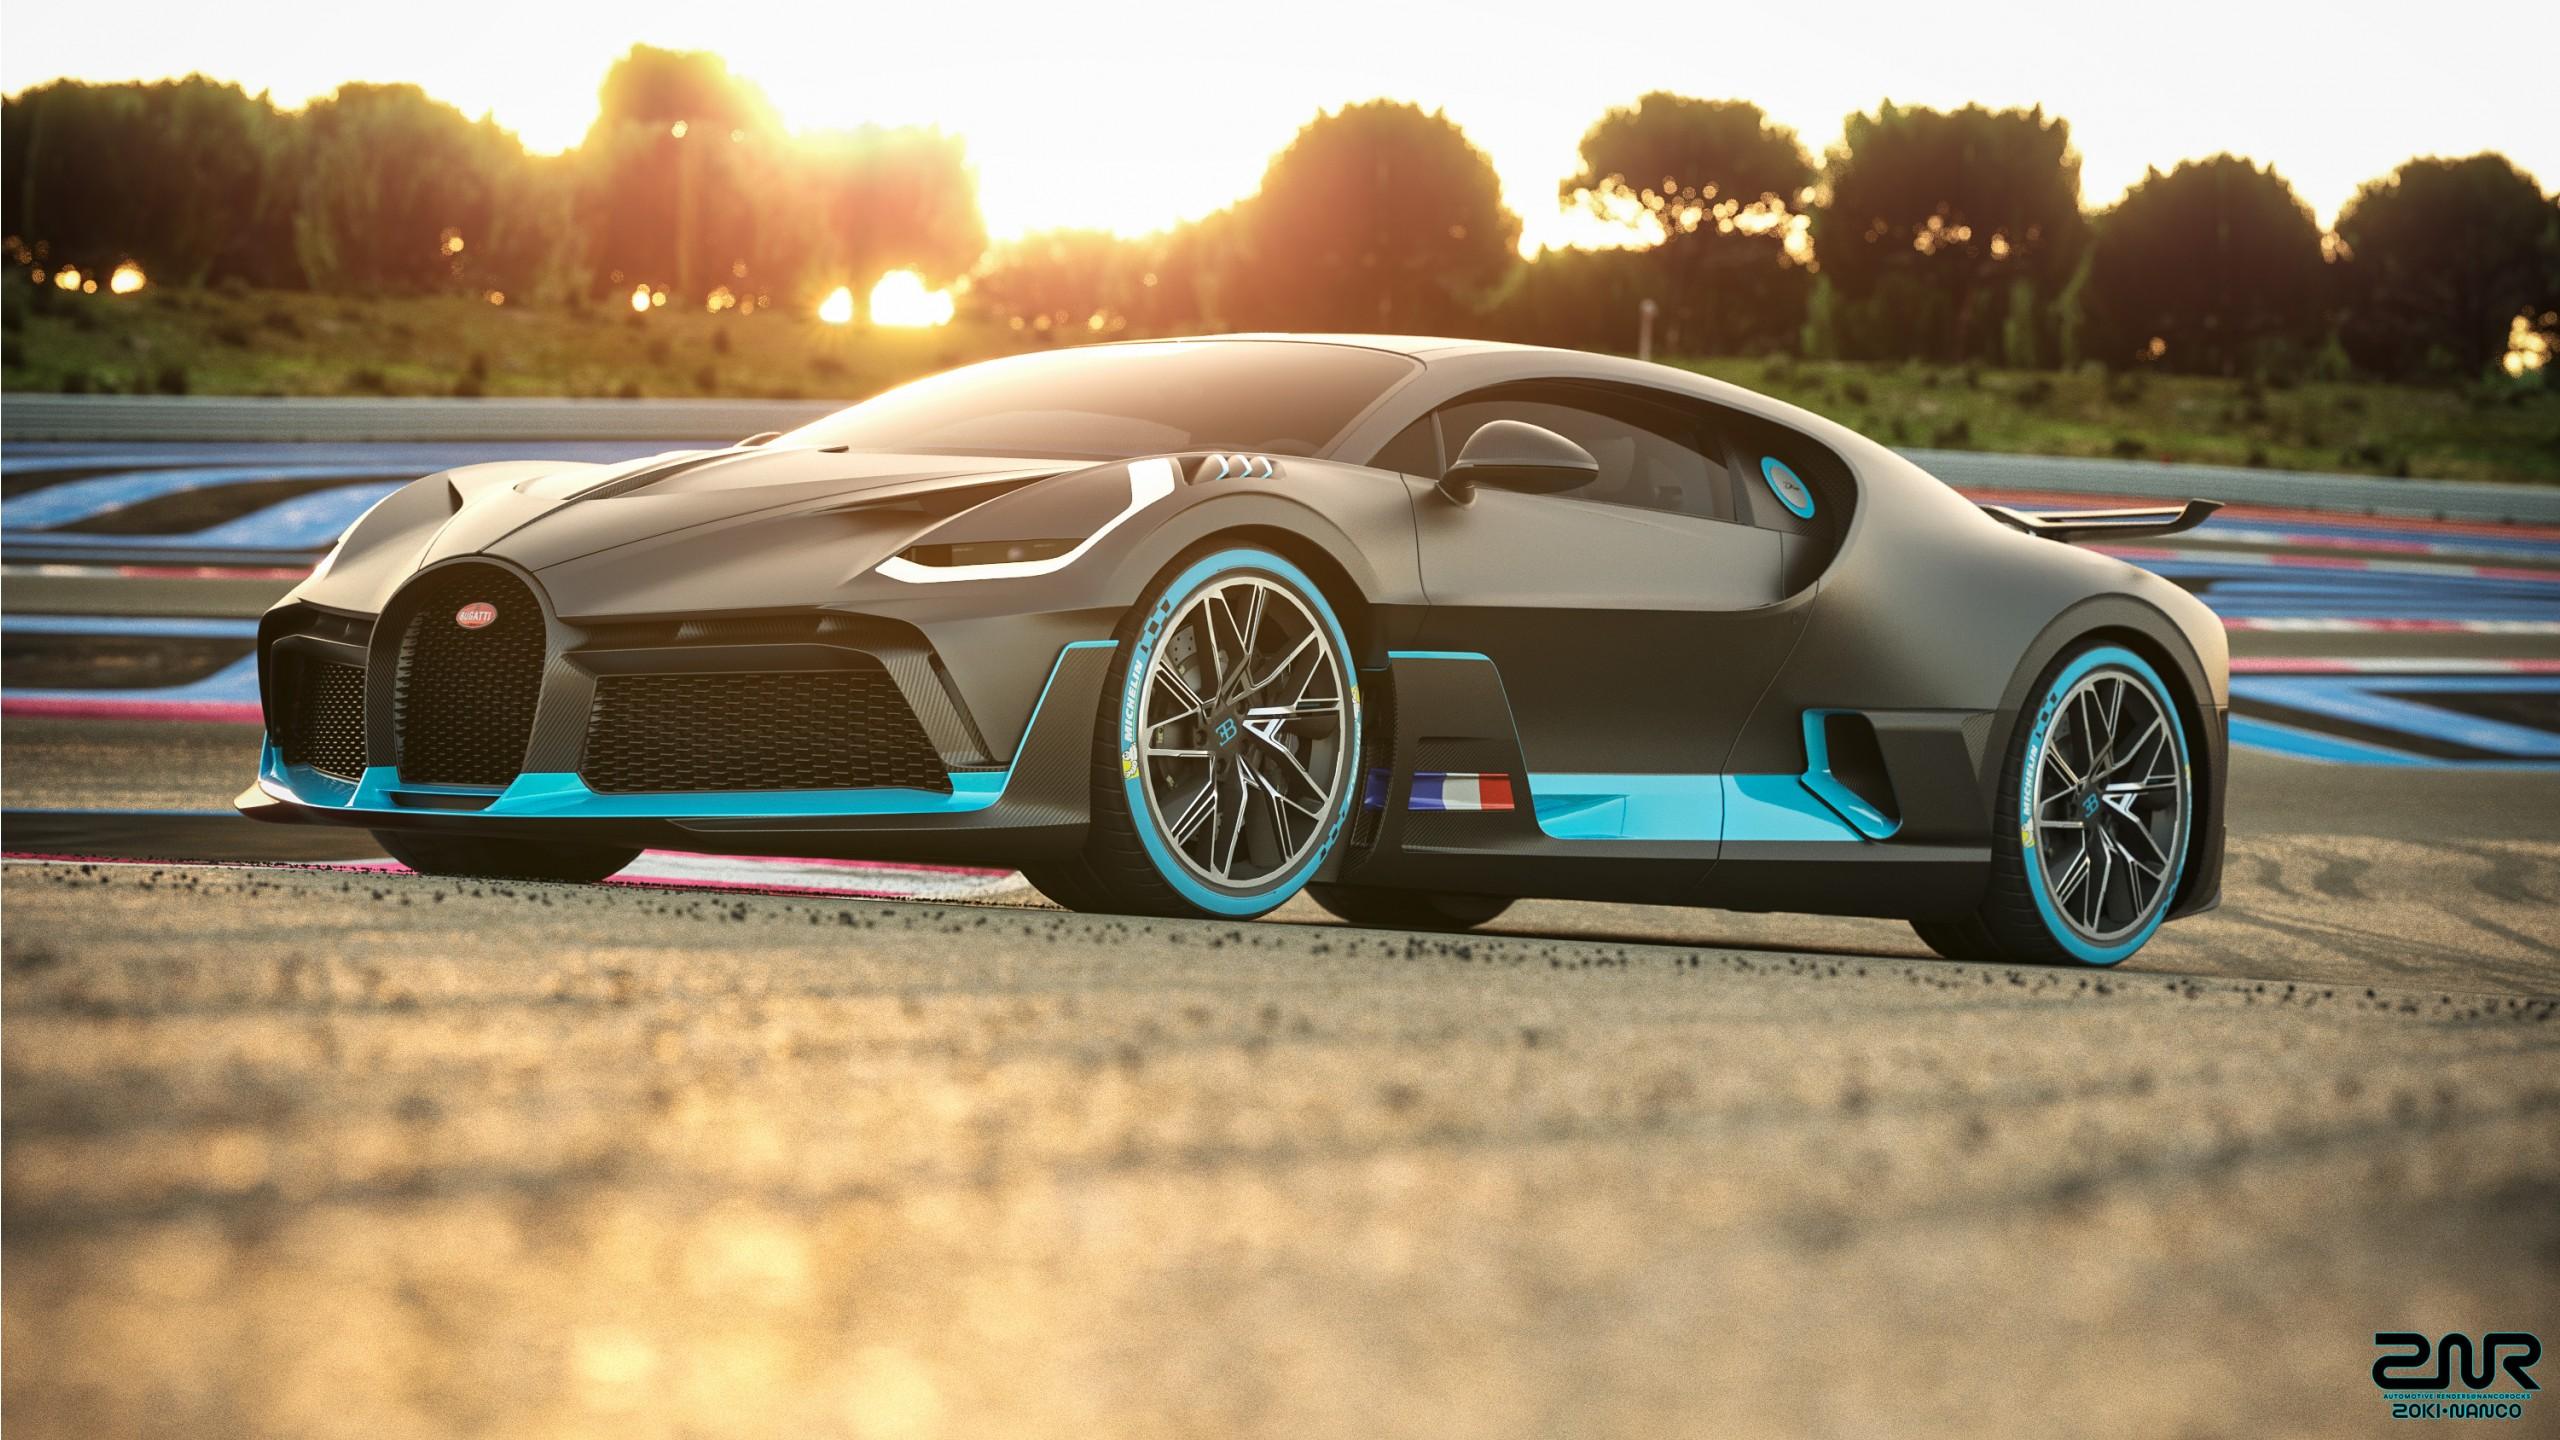 Latest Car Wallpaper 2014 Bugatti Divo 3 Wallpaper Hd Car Wallpapers Id 11341